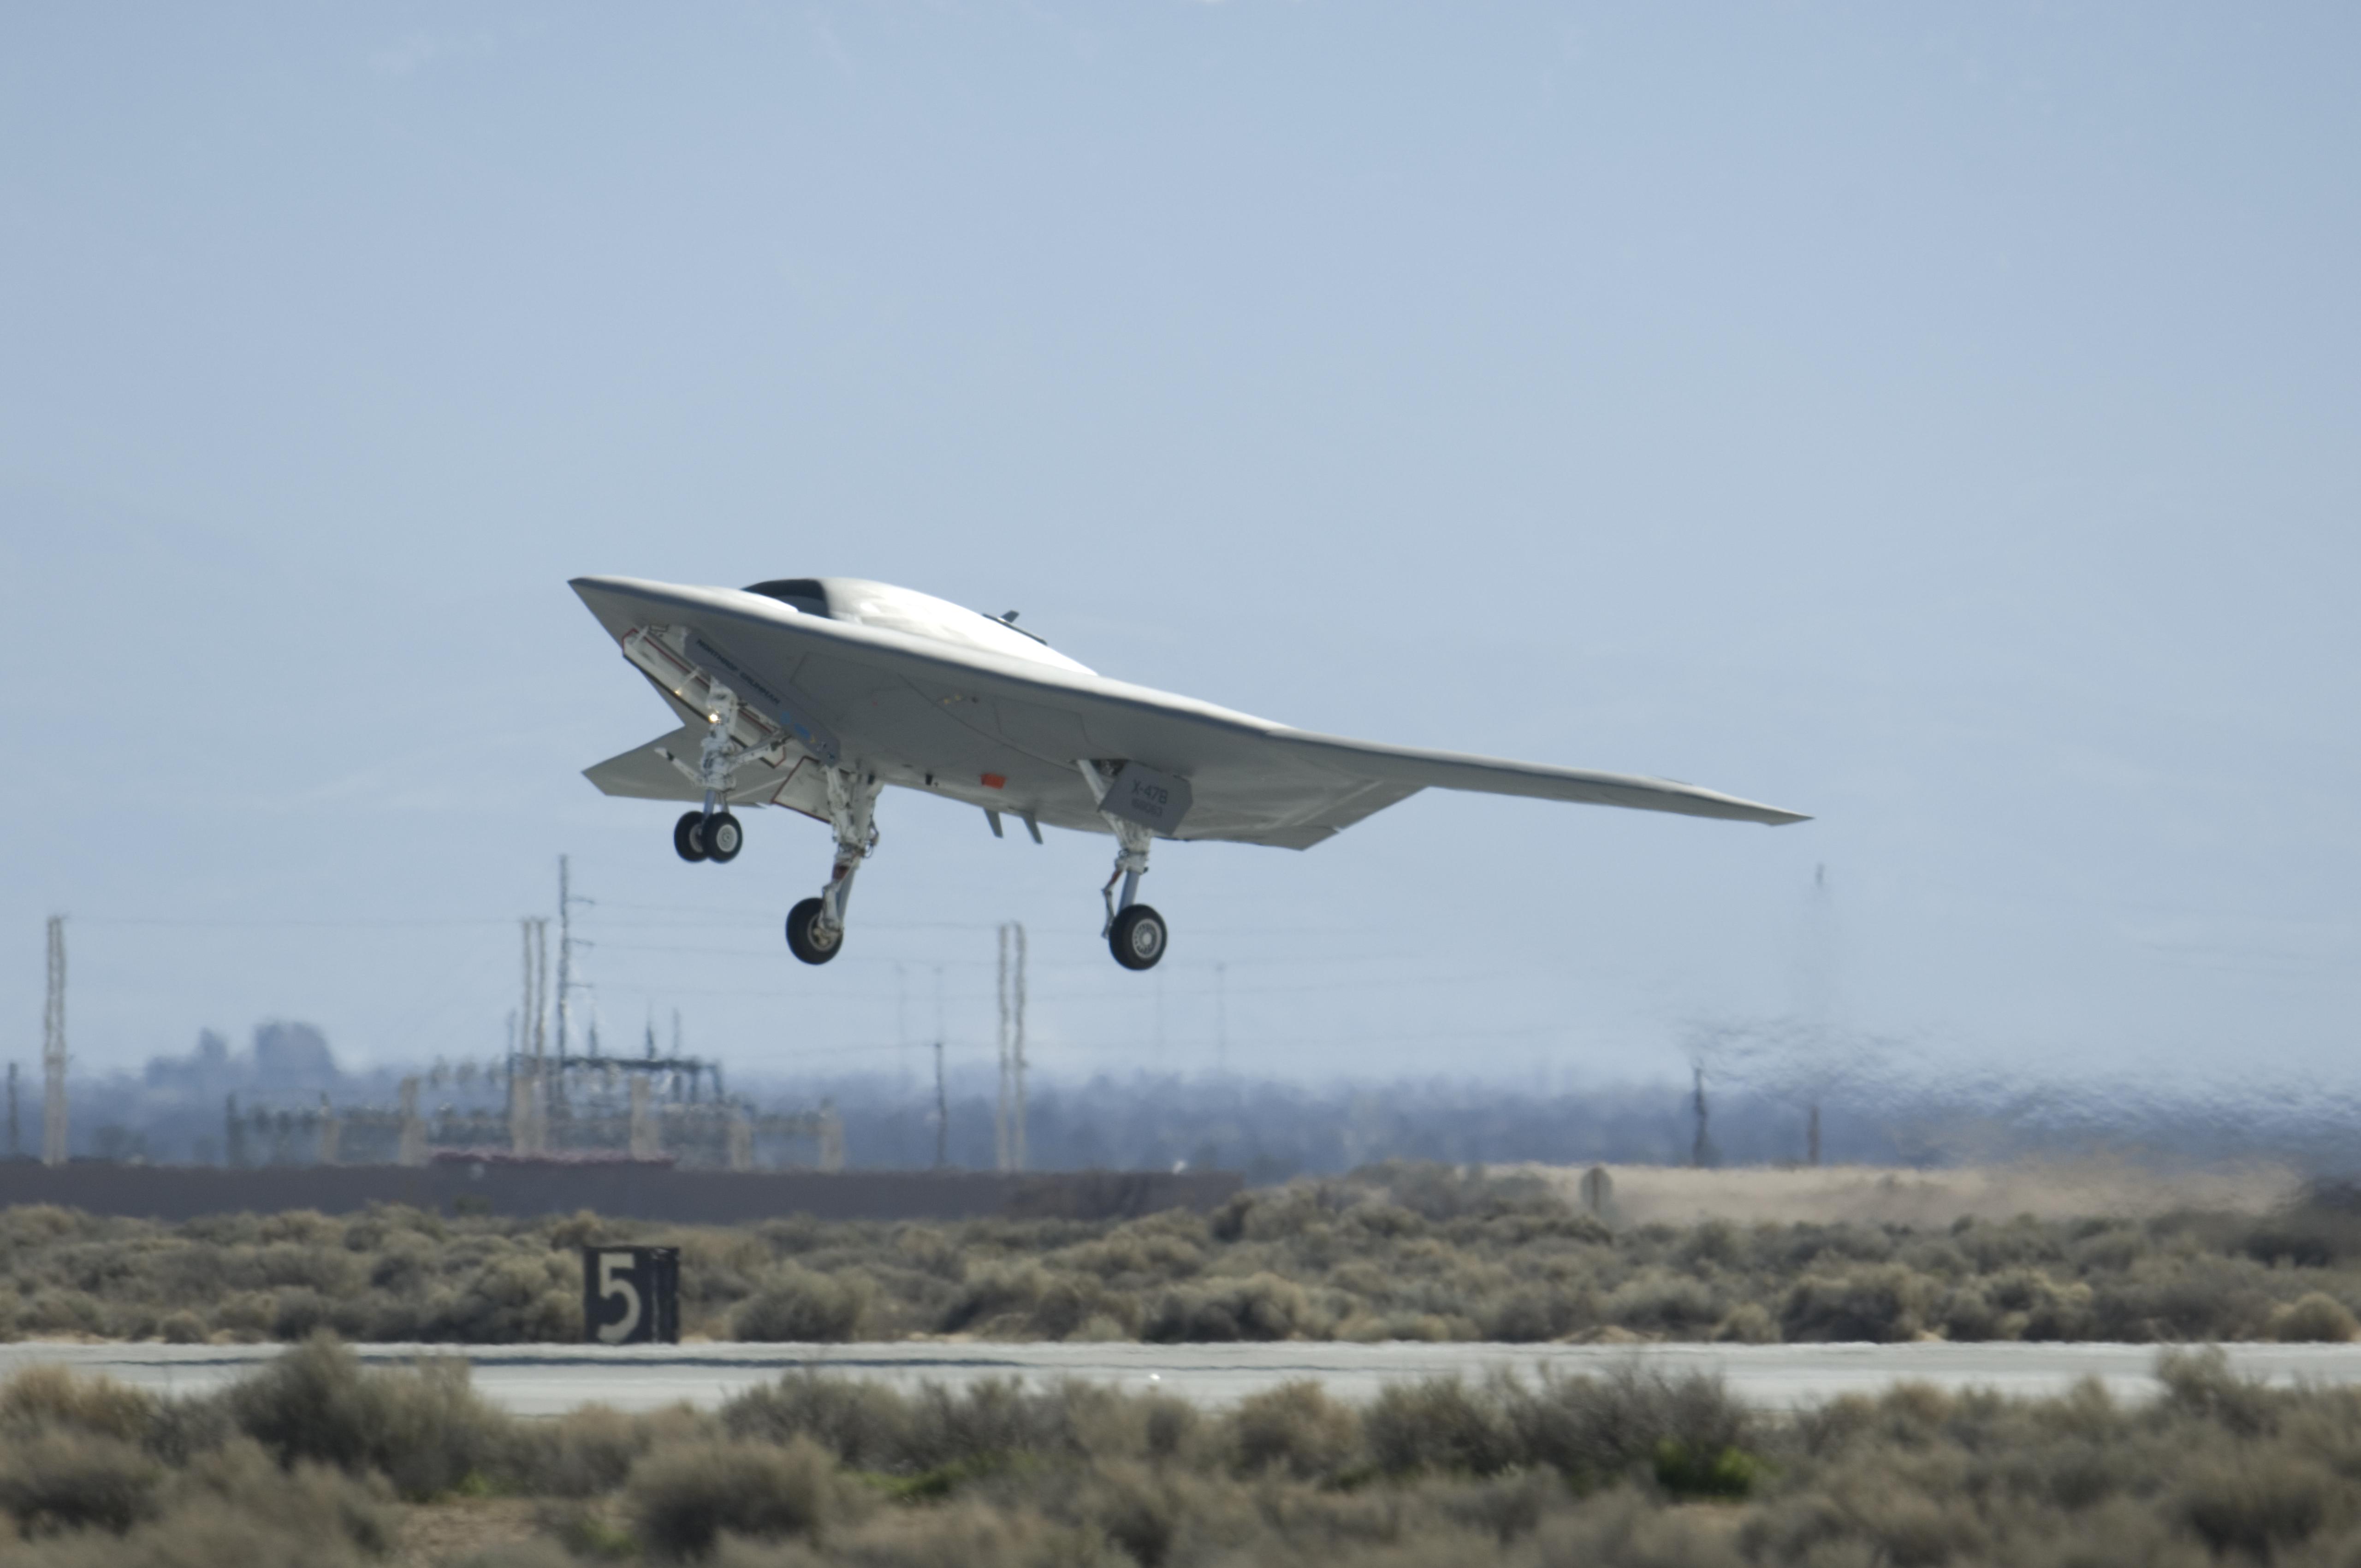 Autonomous Military Drone Raises Accountability Questions